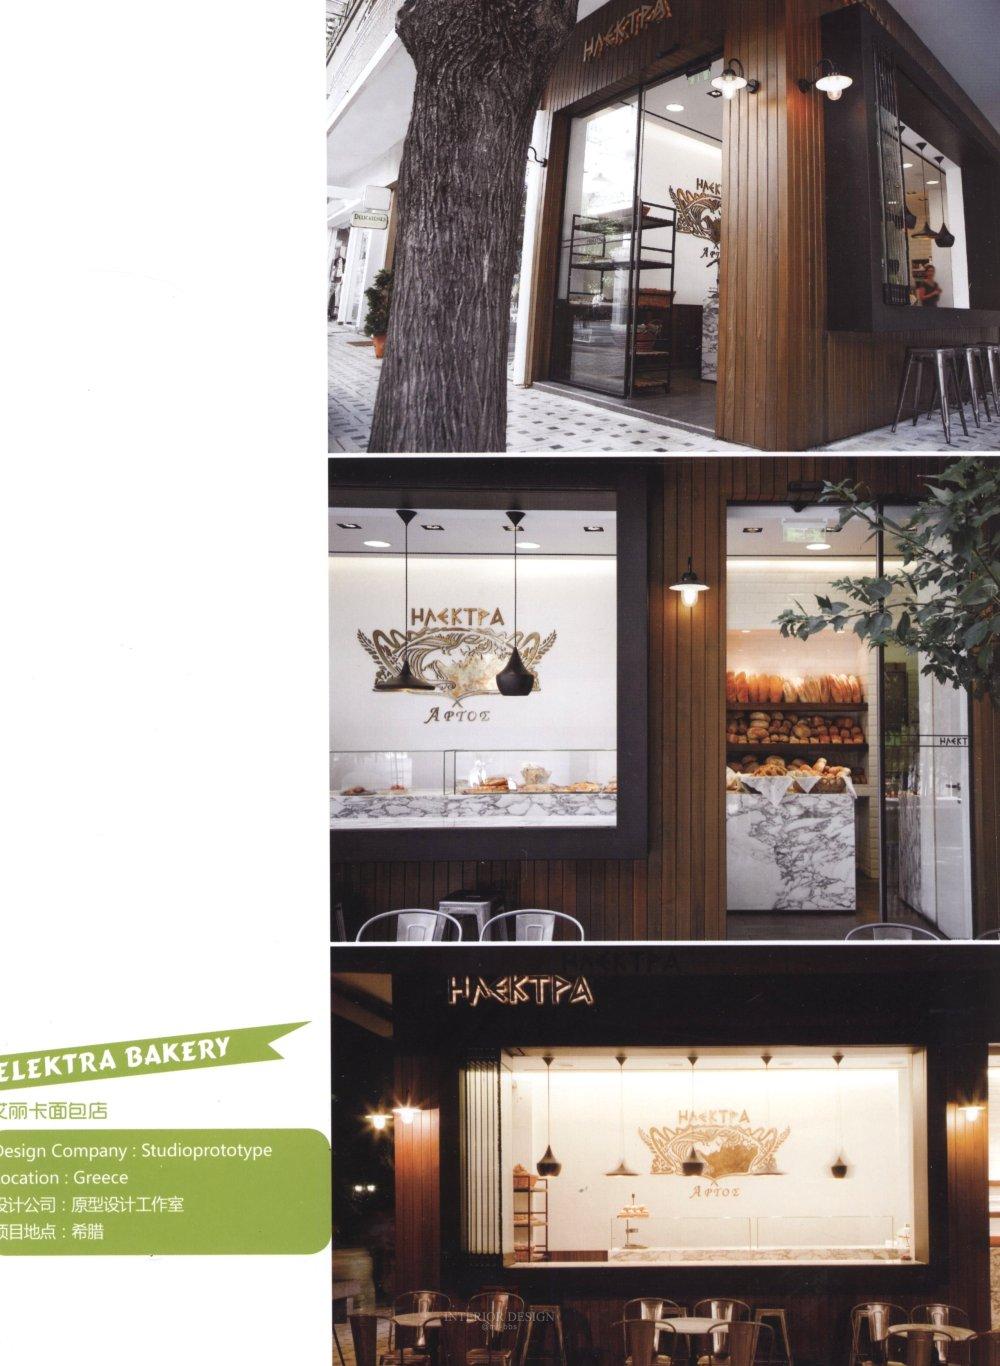 商业店铺、门头设计_kebi 0292.jpg